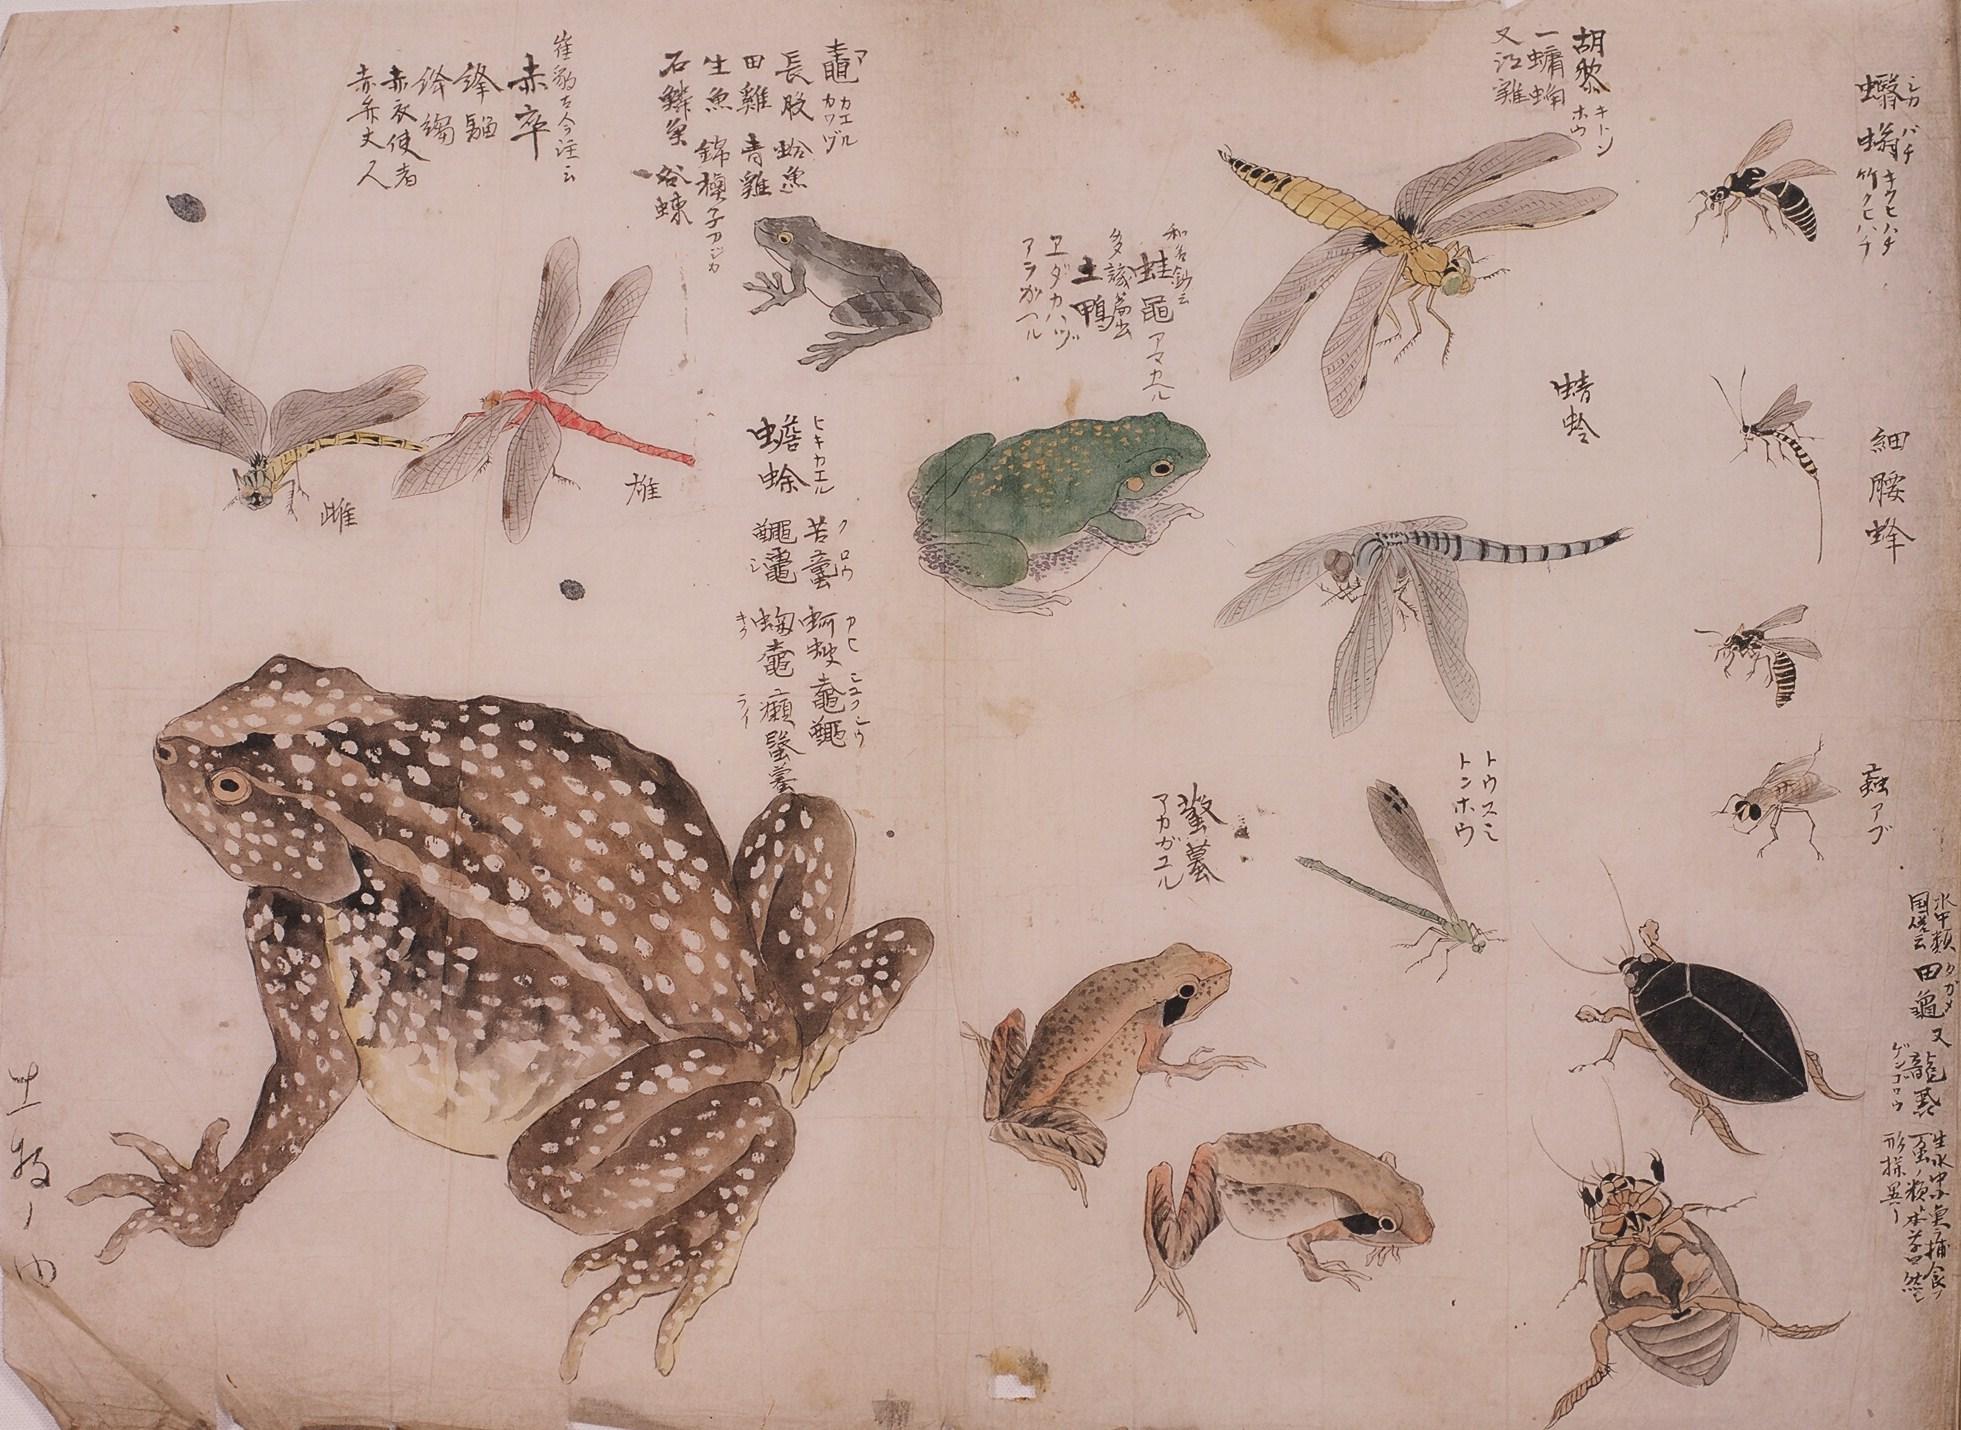 10:カエル、赤とんぼ、あぶ等